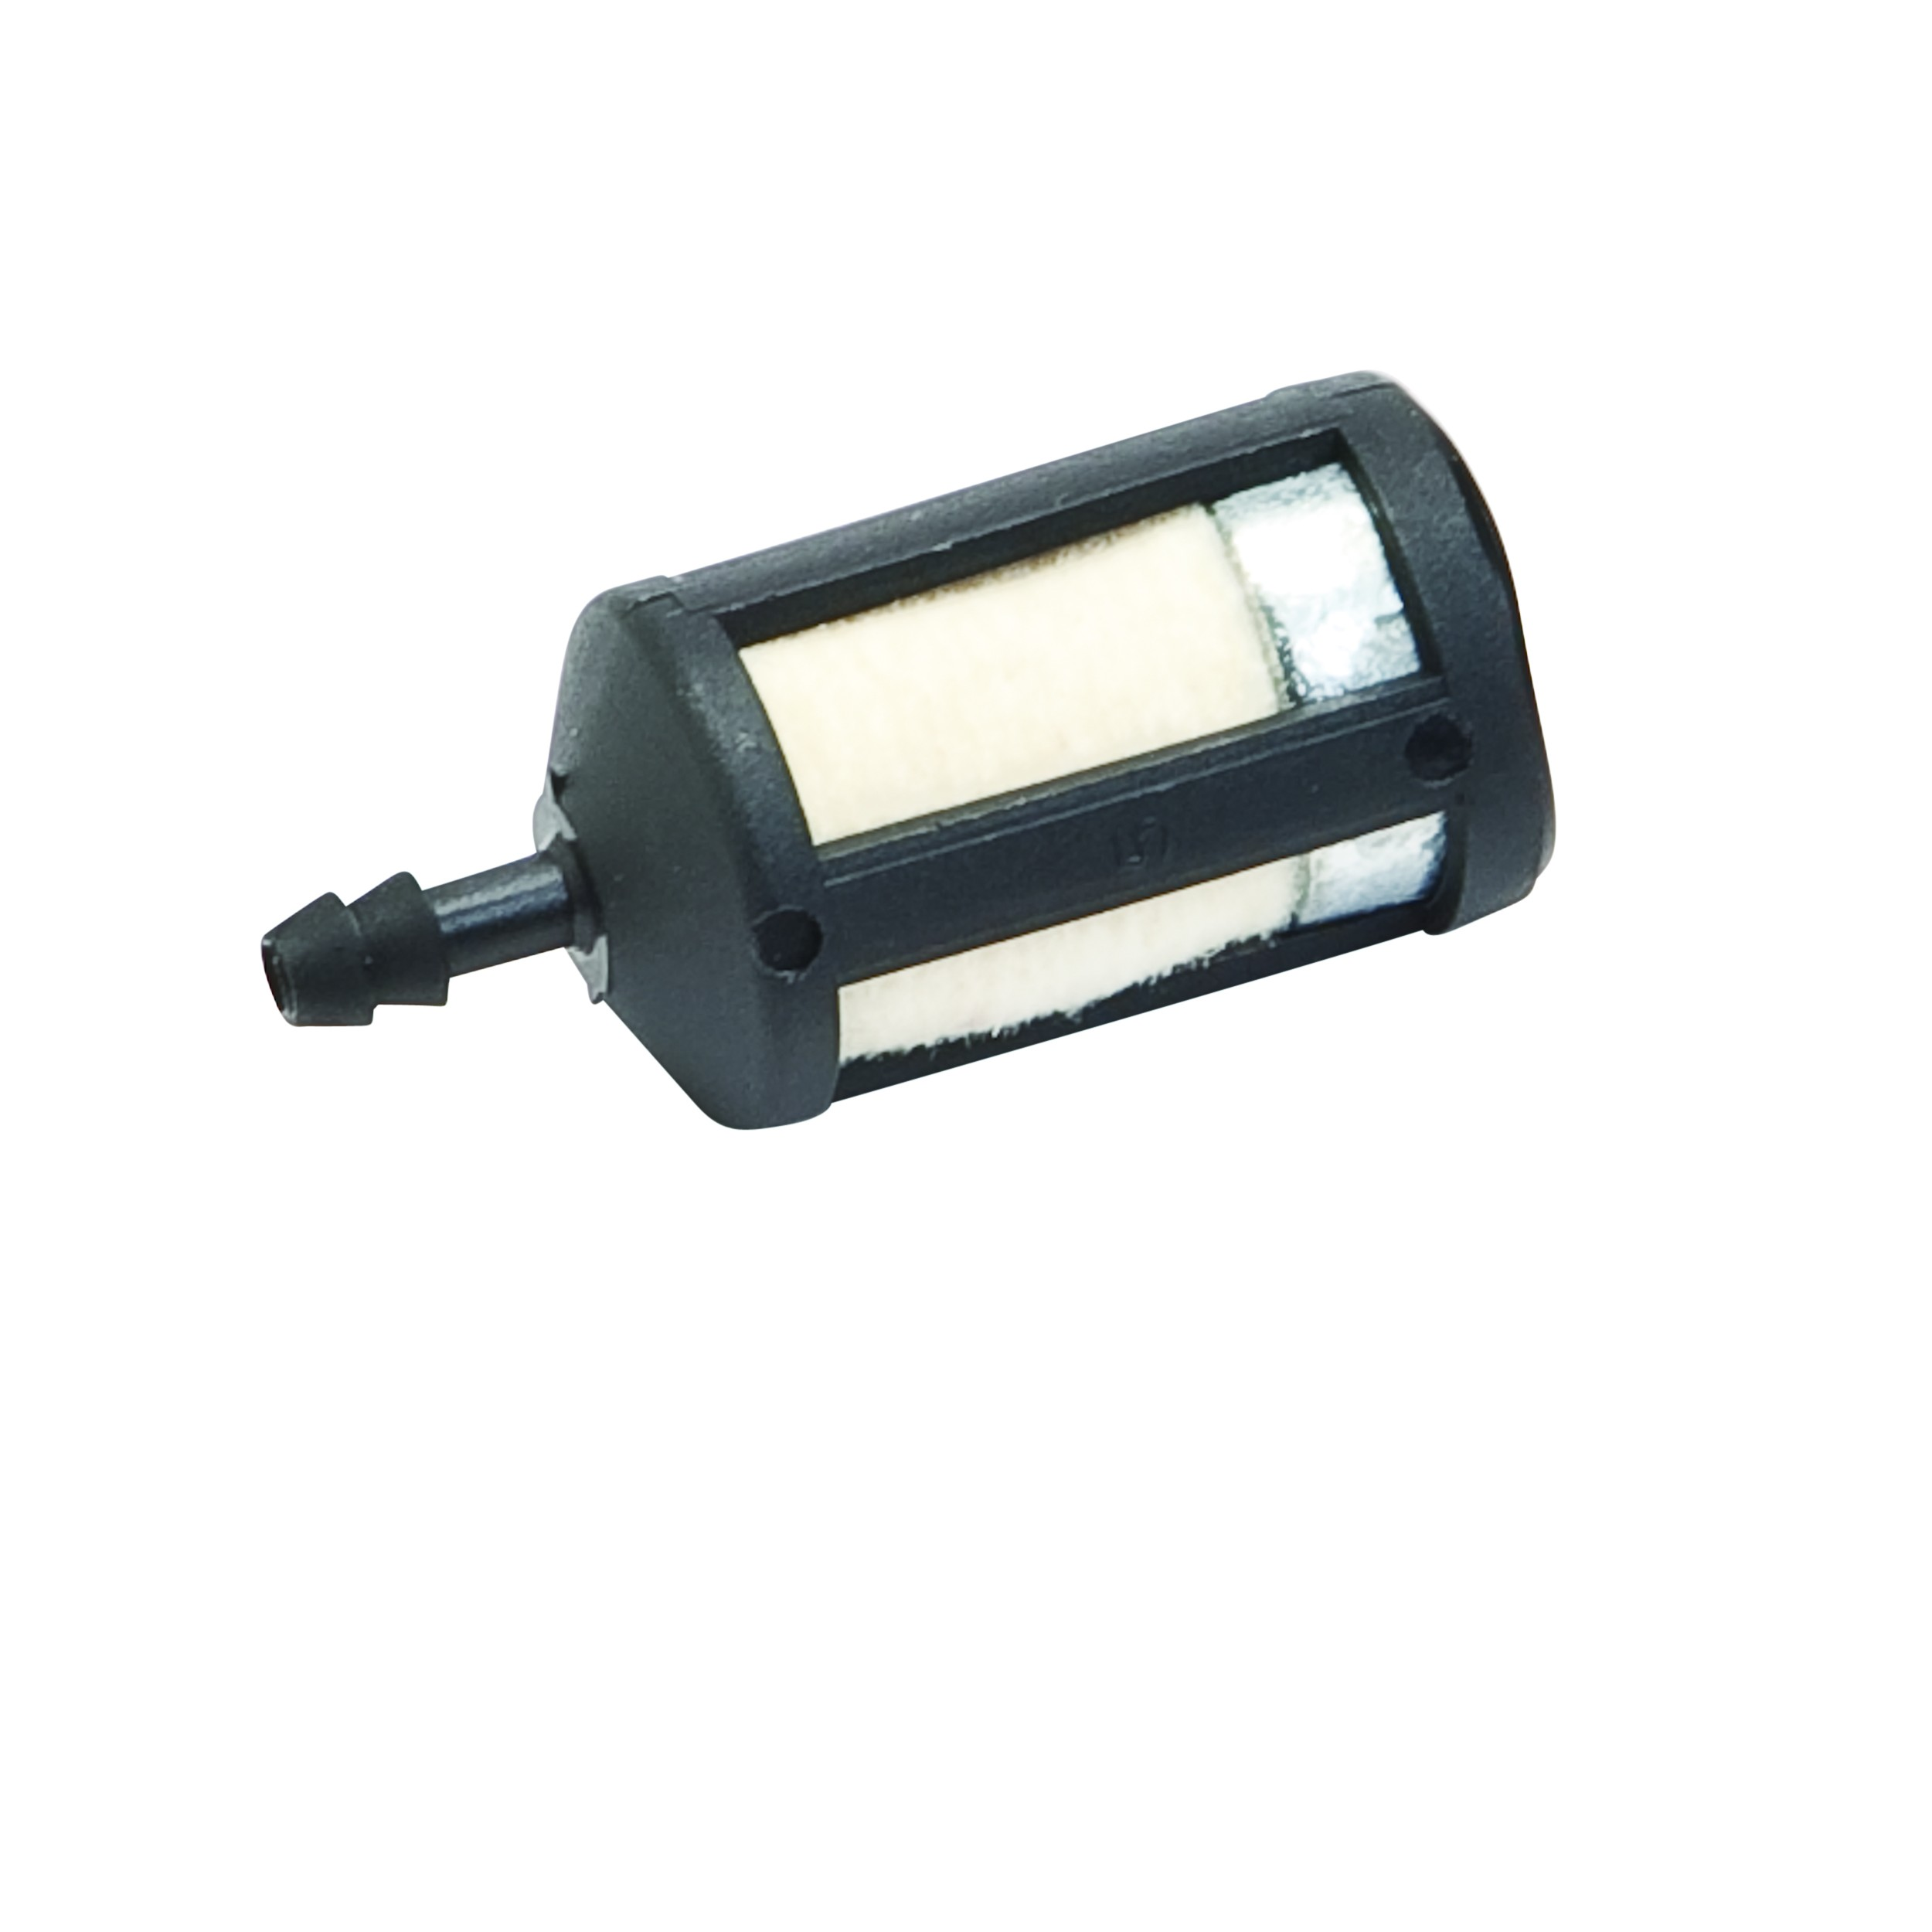 Palivový filtr (typ ZAMA ZF-3) hrdlo 3,2mm